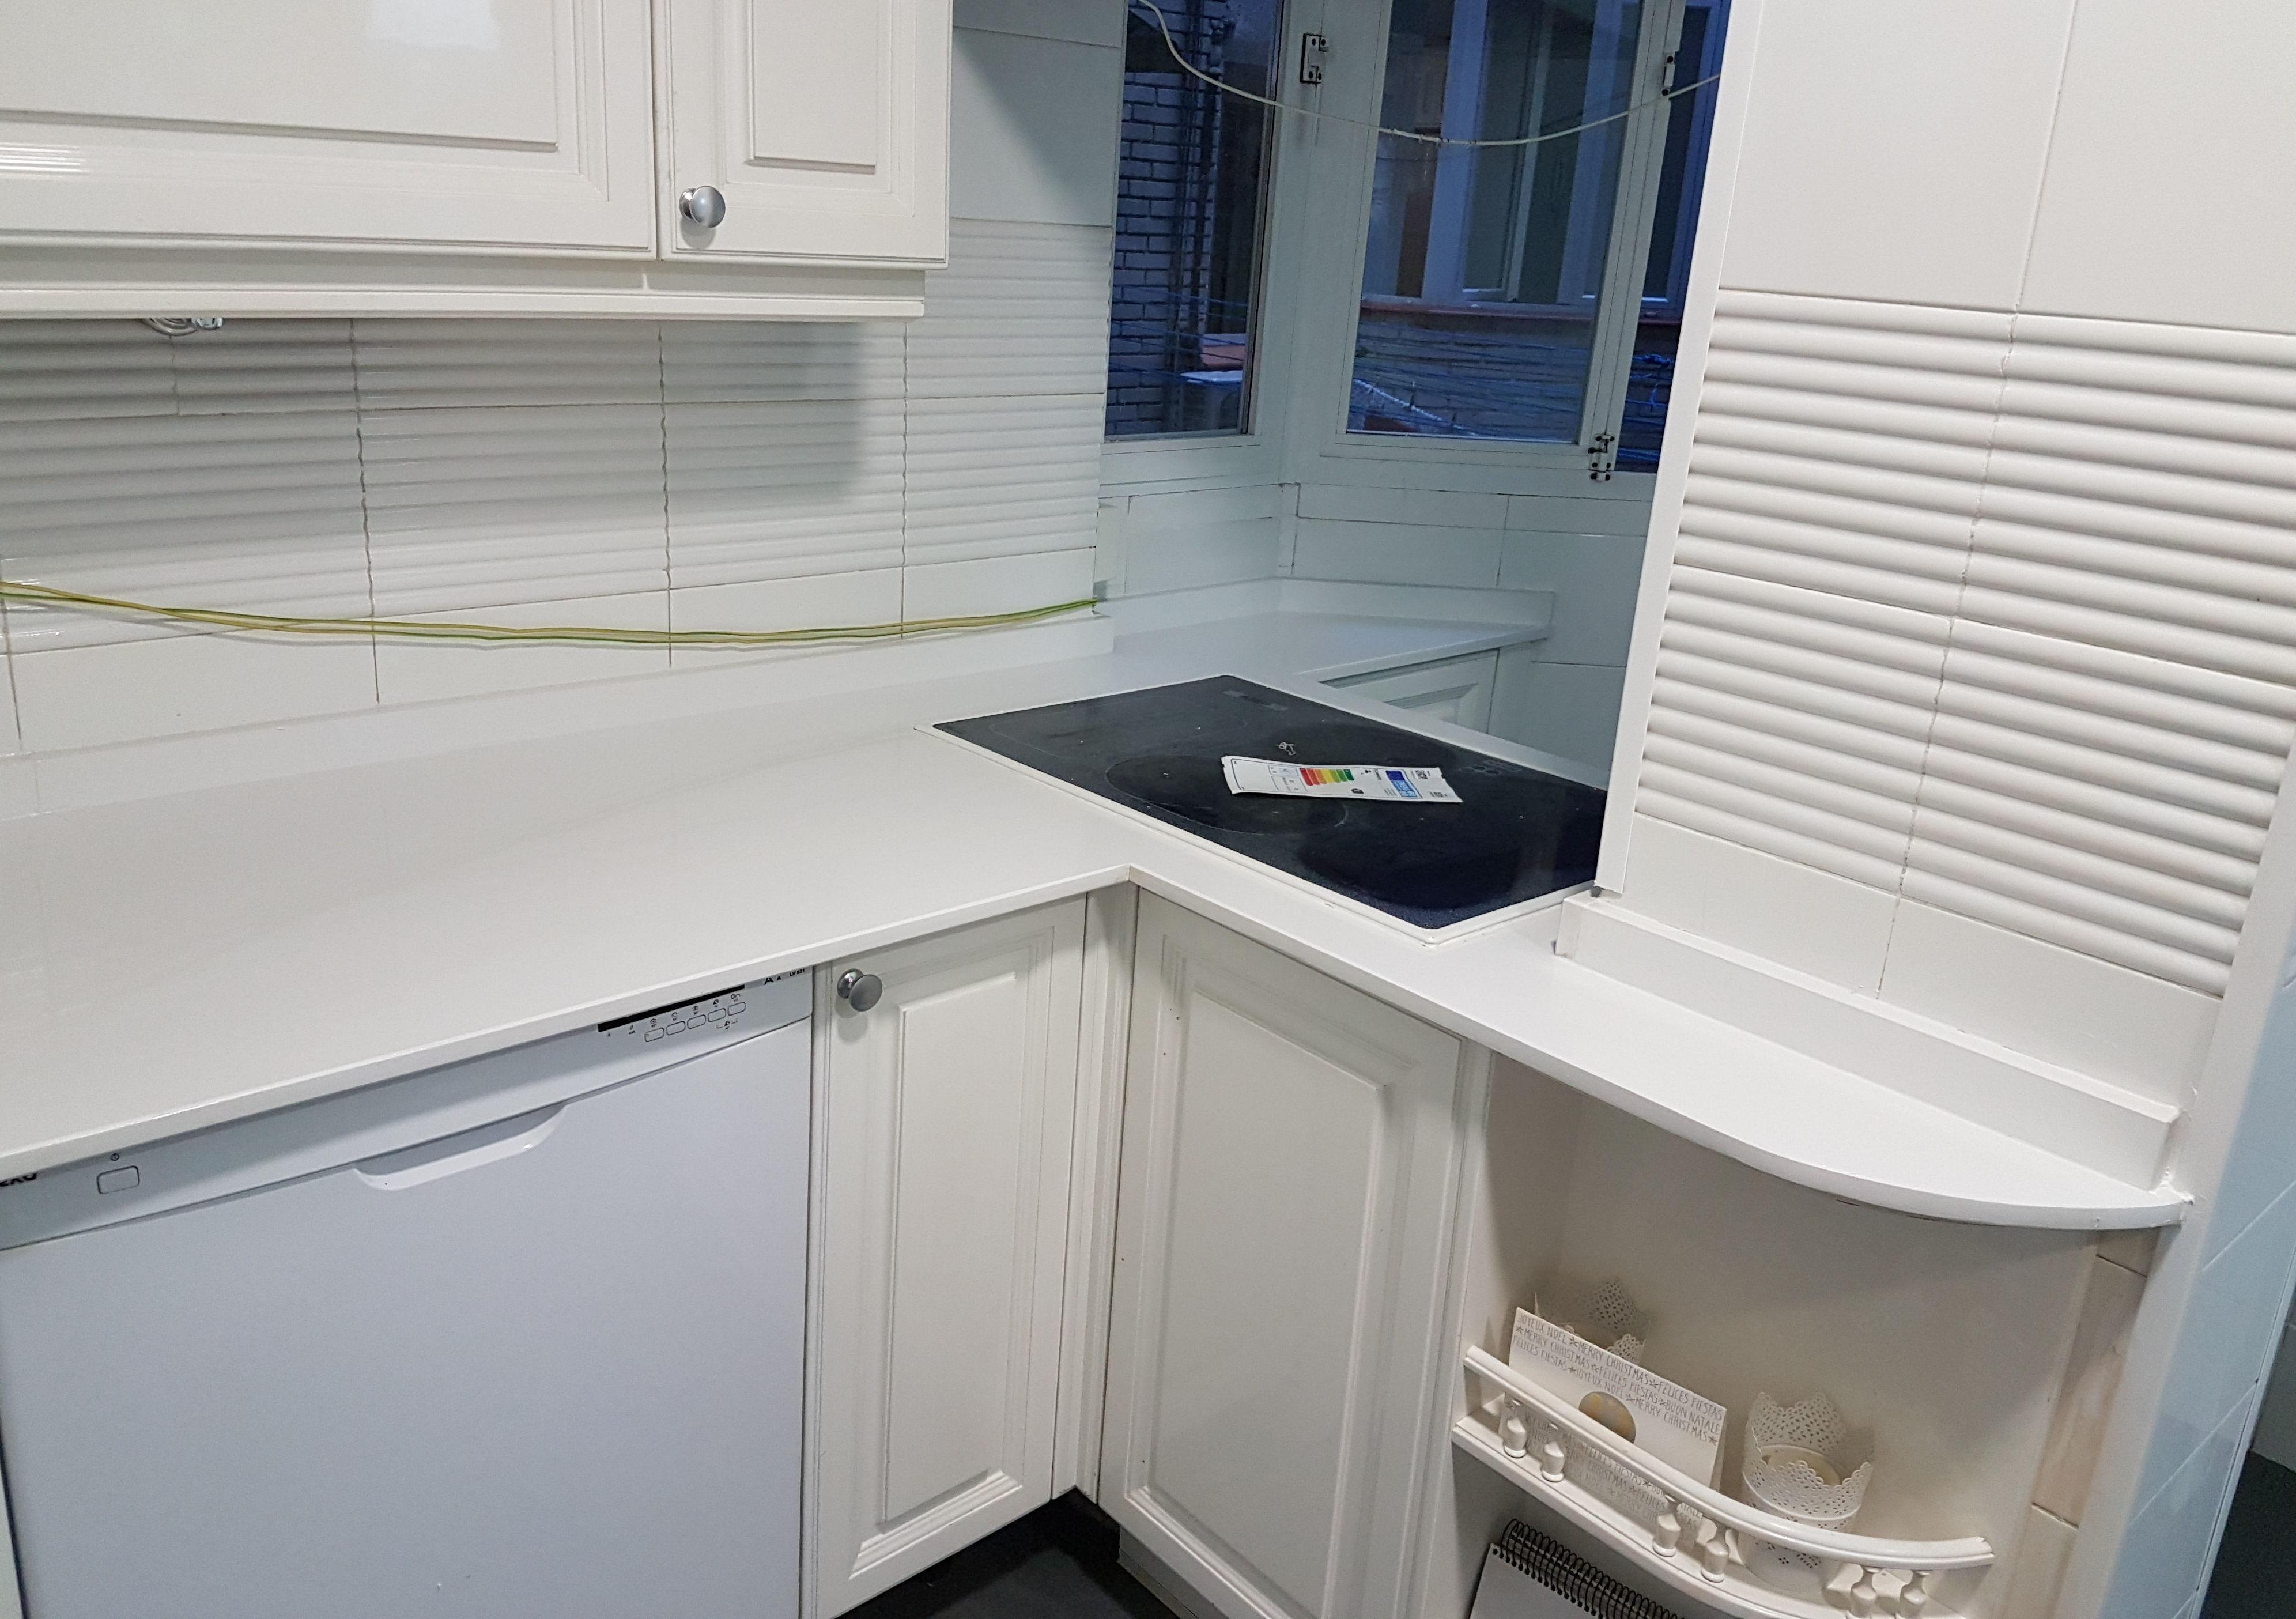 Foto 17 de Encimeras de baño y cocina en San Fernando de Henares | AG Estilo y Diseño